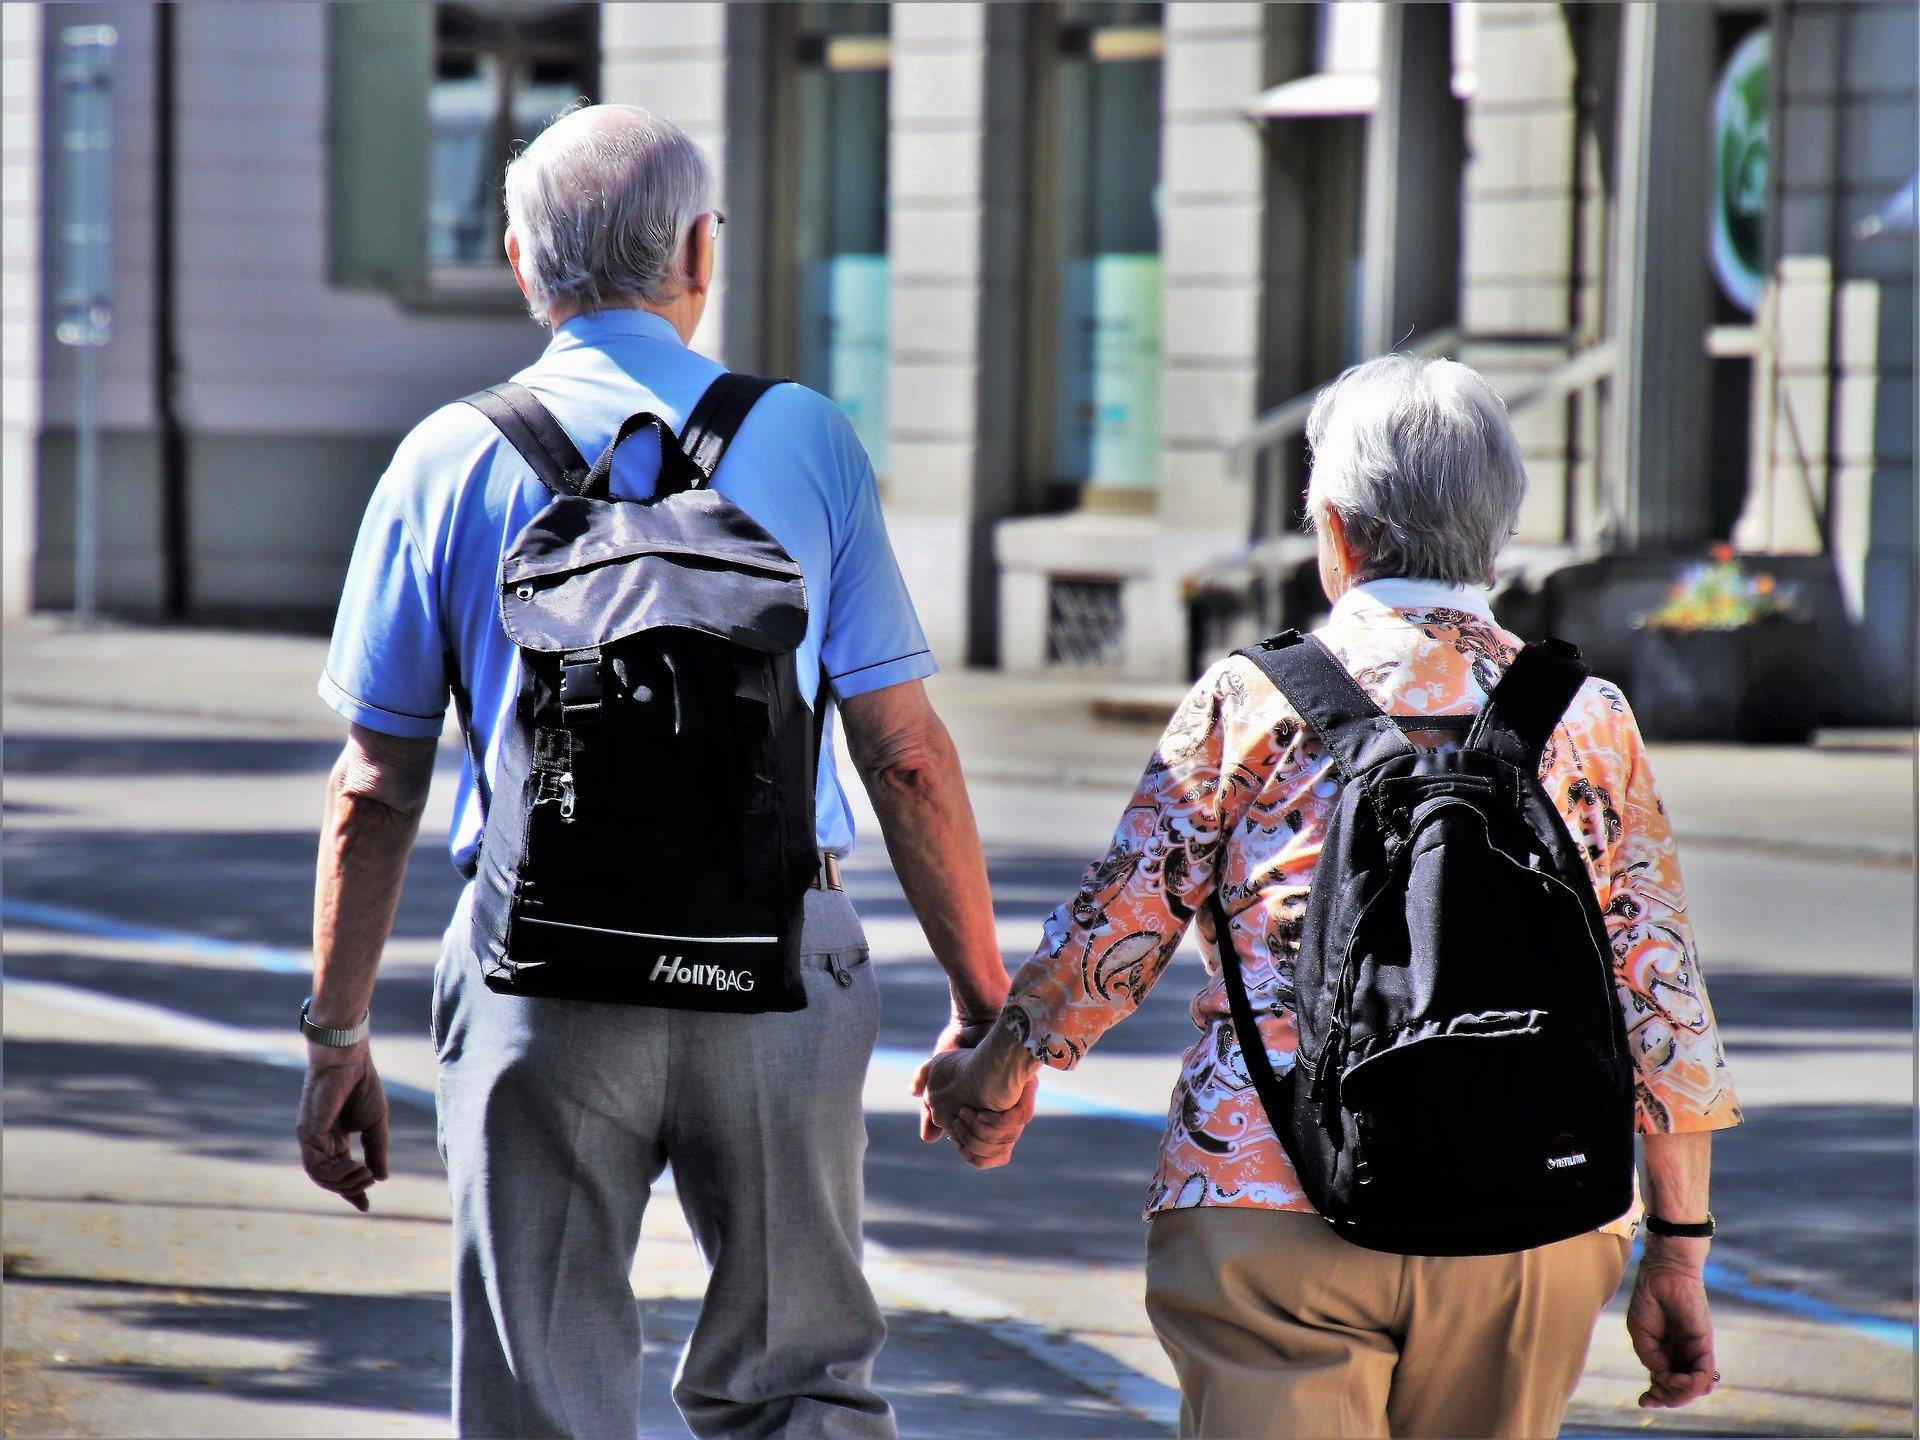 Immagine di copertina frasi per pensionamento formali